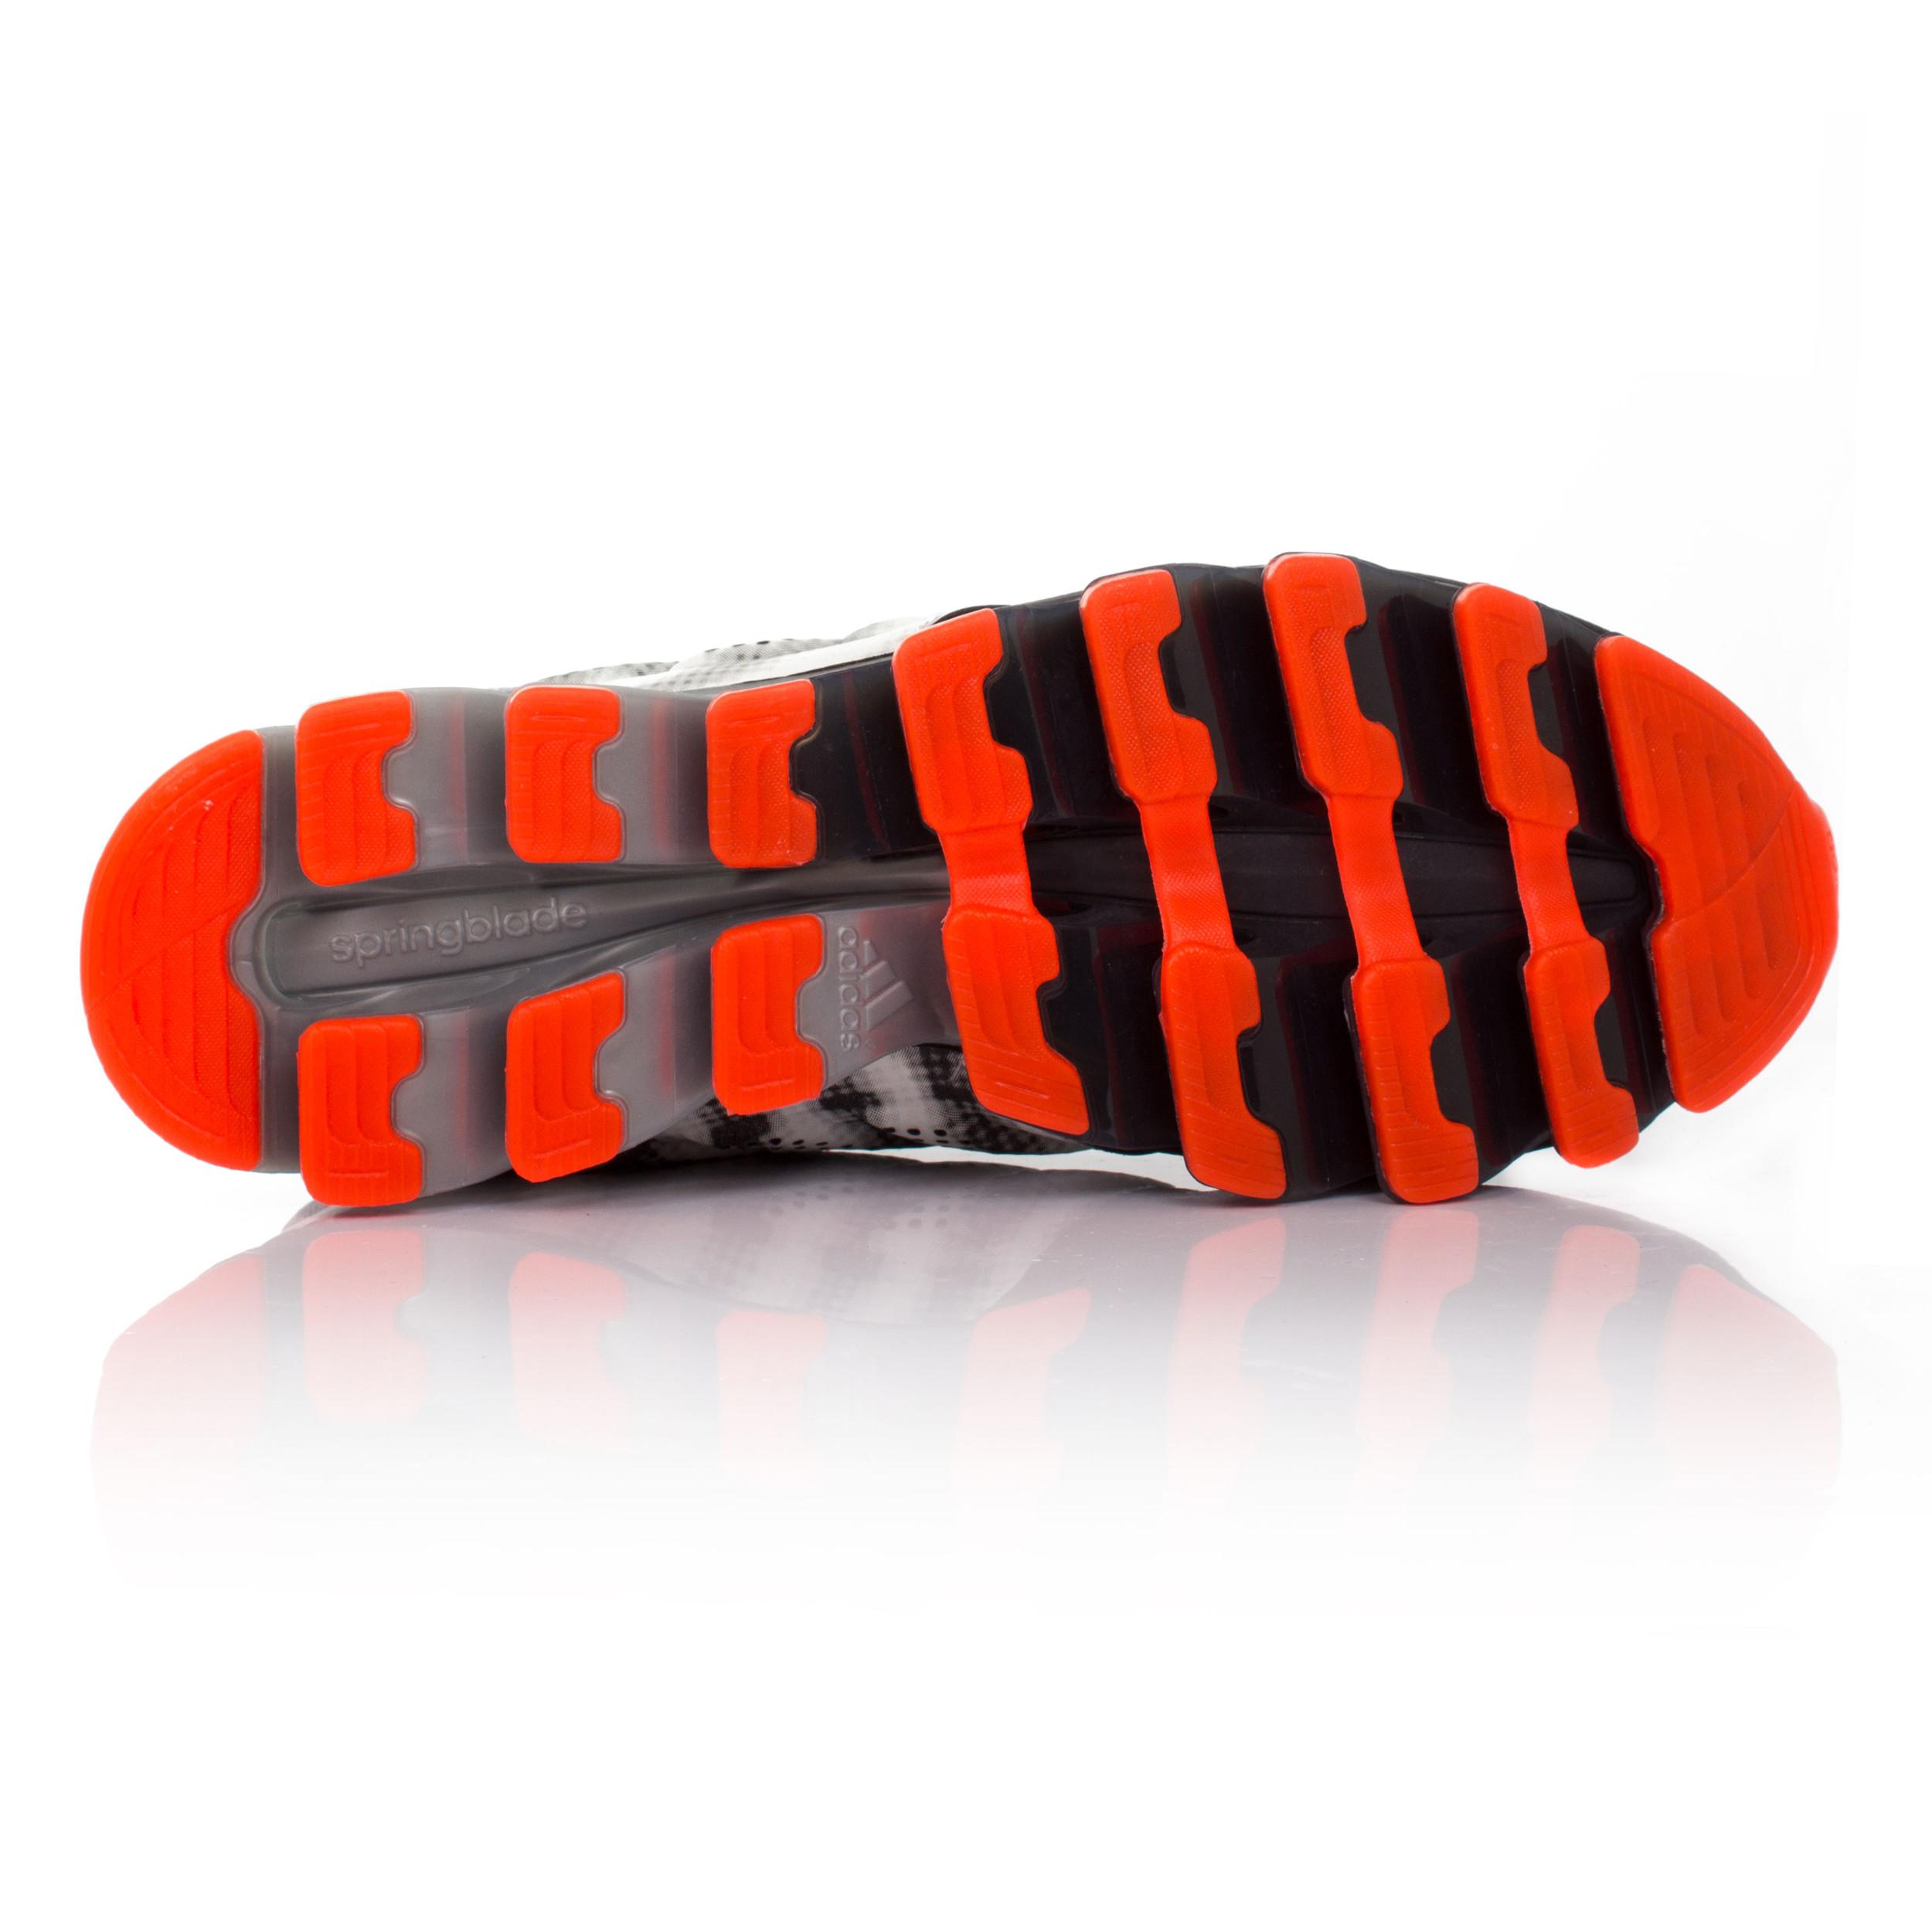 Buy adidas springblade 2 Uomo purple >off70%)